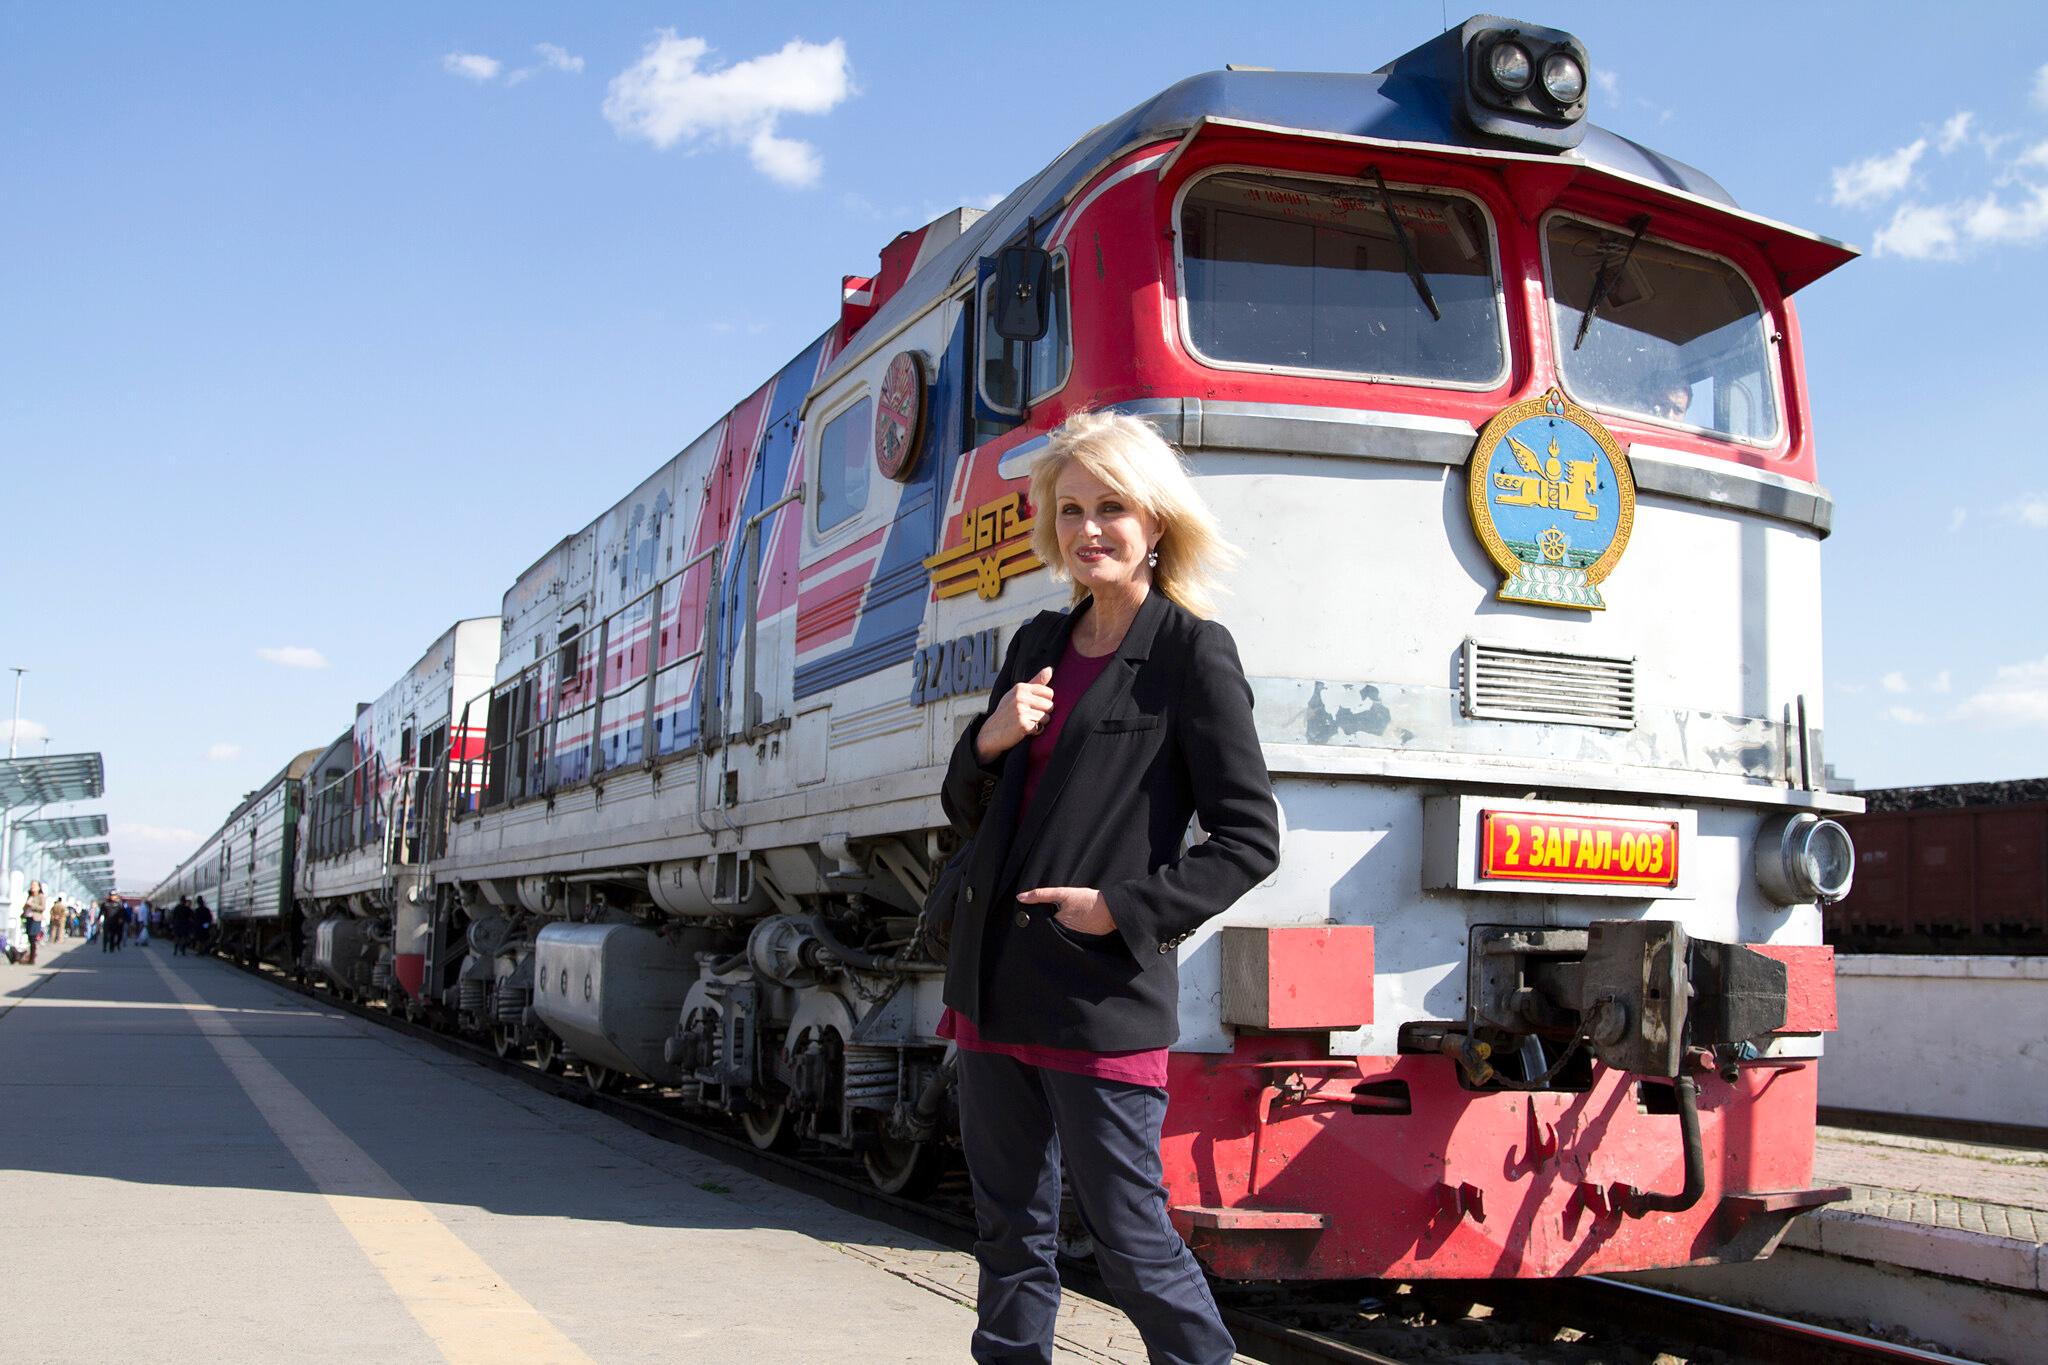 Υπερσιβηρική περιπέτεια με την Τζοάνα Λάμλεϊ   (Joanna Lumley's Trans-Siberian Adventure)